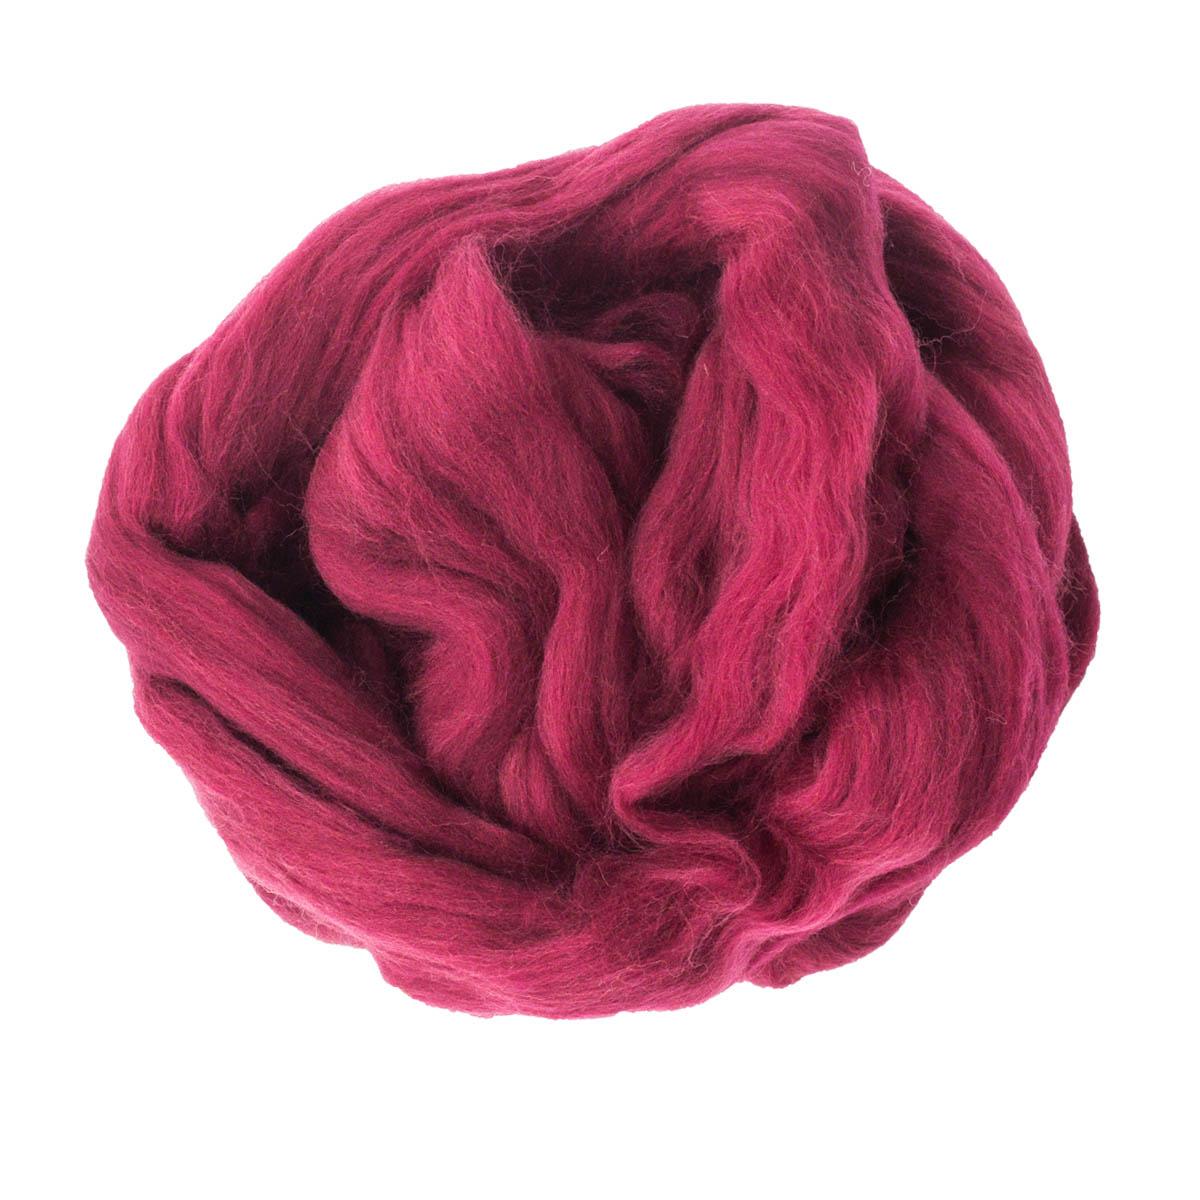 84304-2 ORCHIDEA Шерсть для валяния, цвет бордовый, 50 г